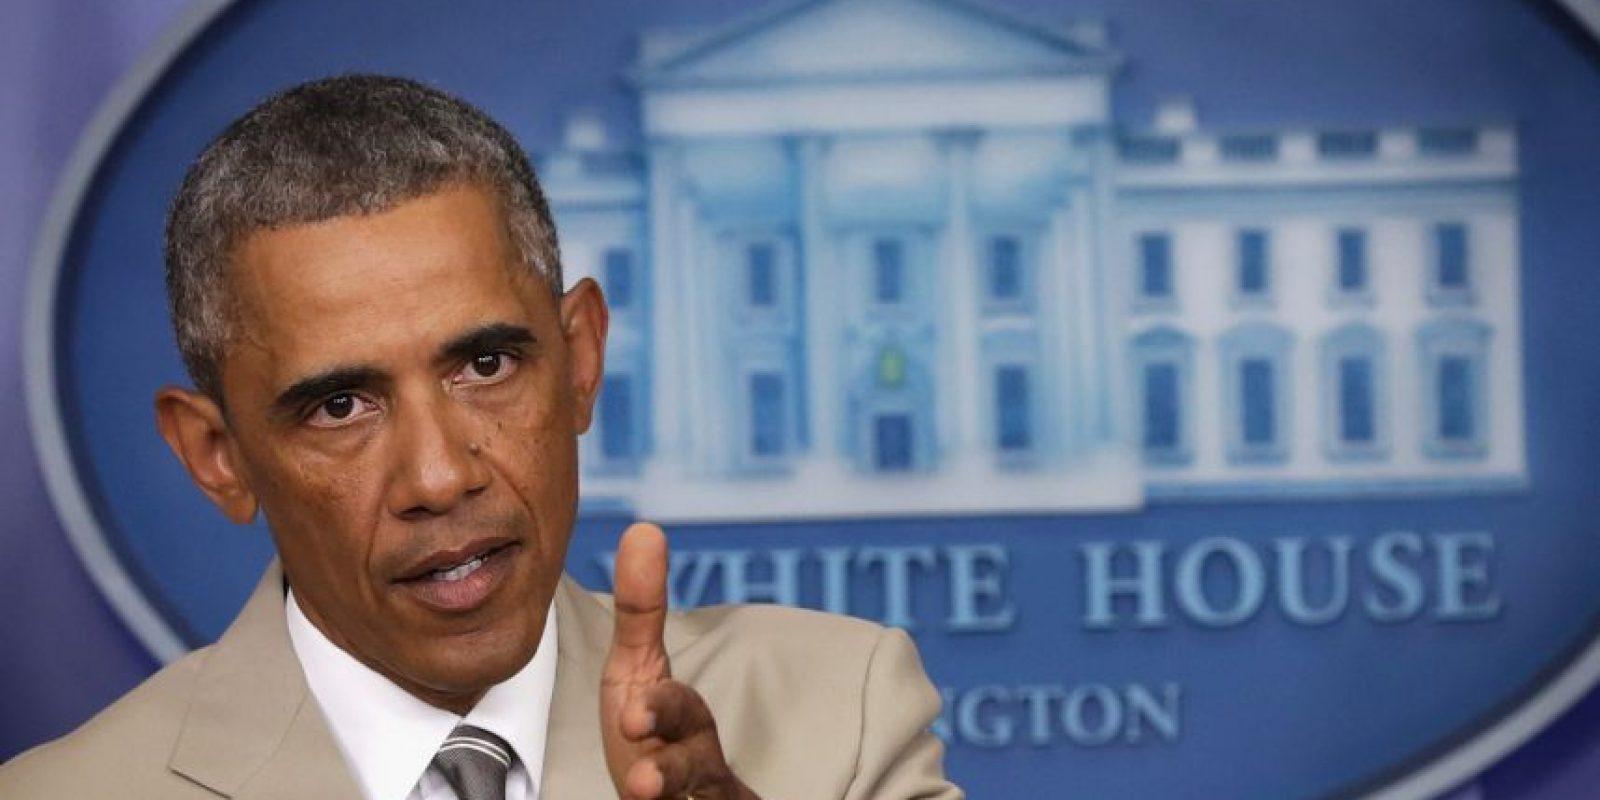 Obama aseguró que medirá las ideas sin importar del partido que provengan. Foto:Getty